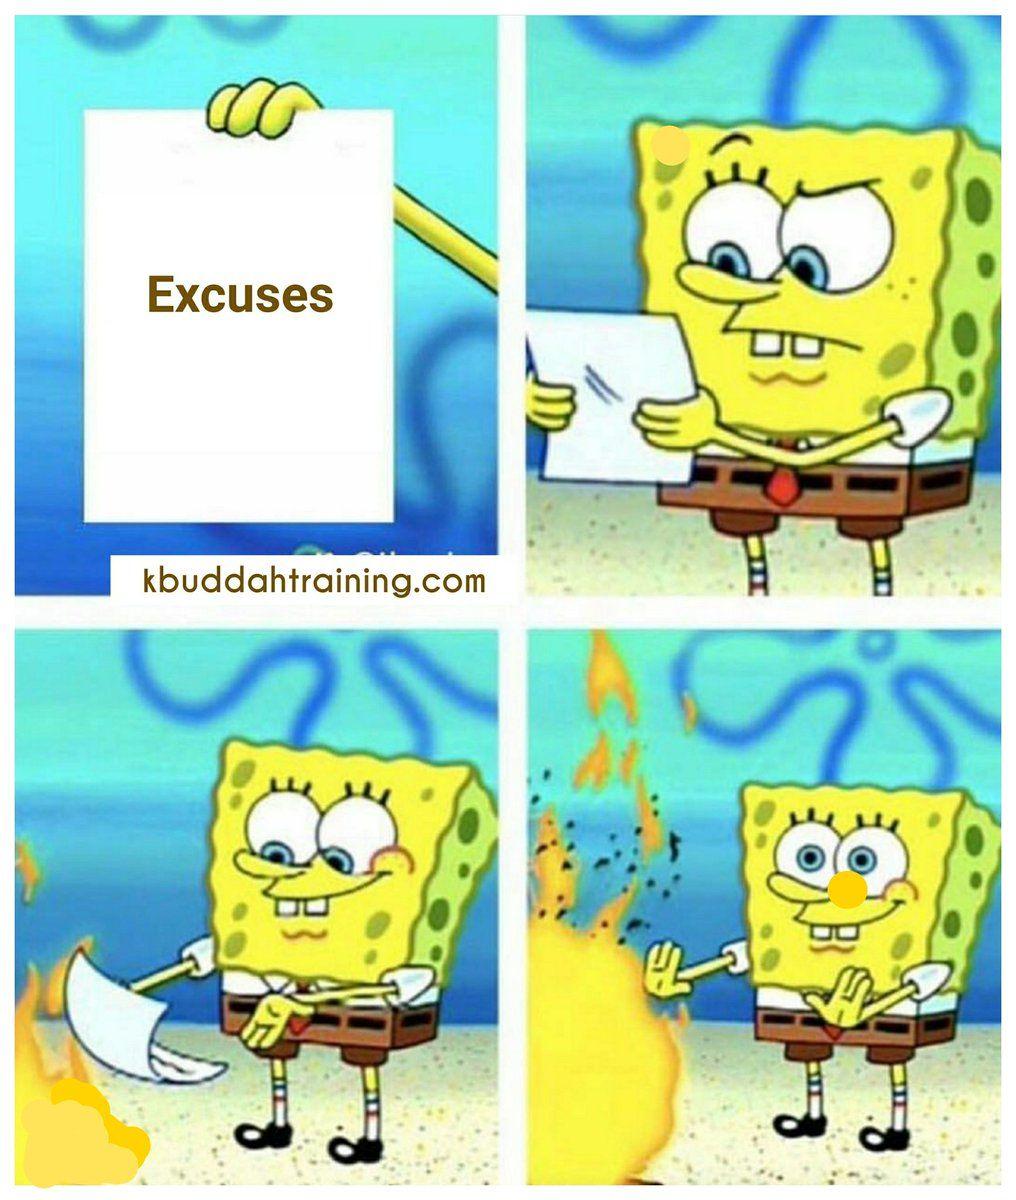 Kbuddah training llc on fitness memes blank memes funny dankest memes